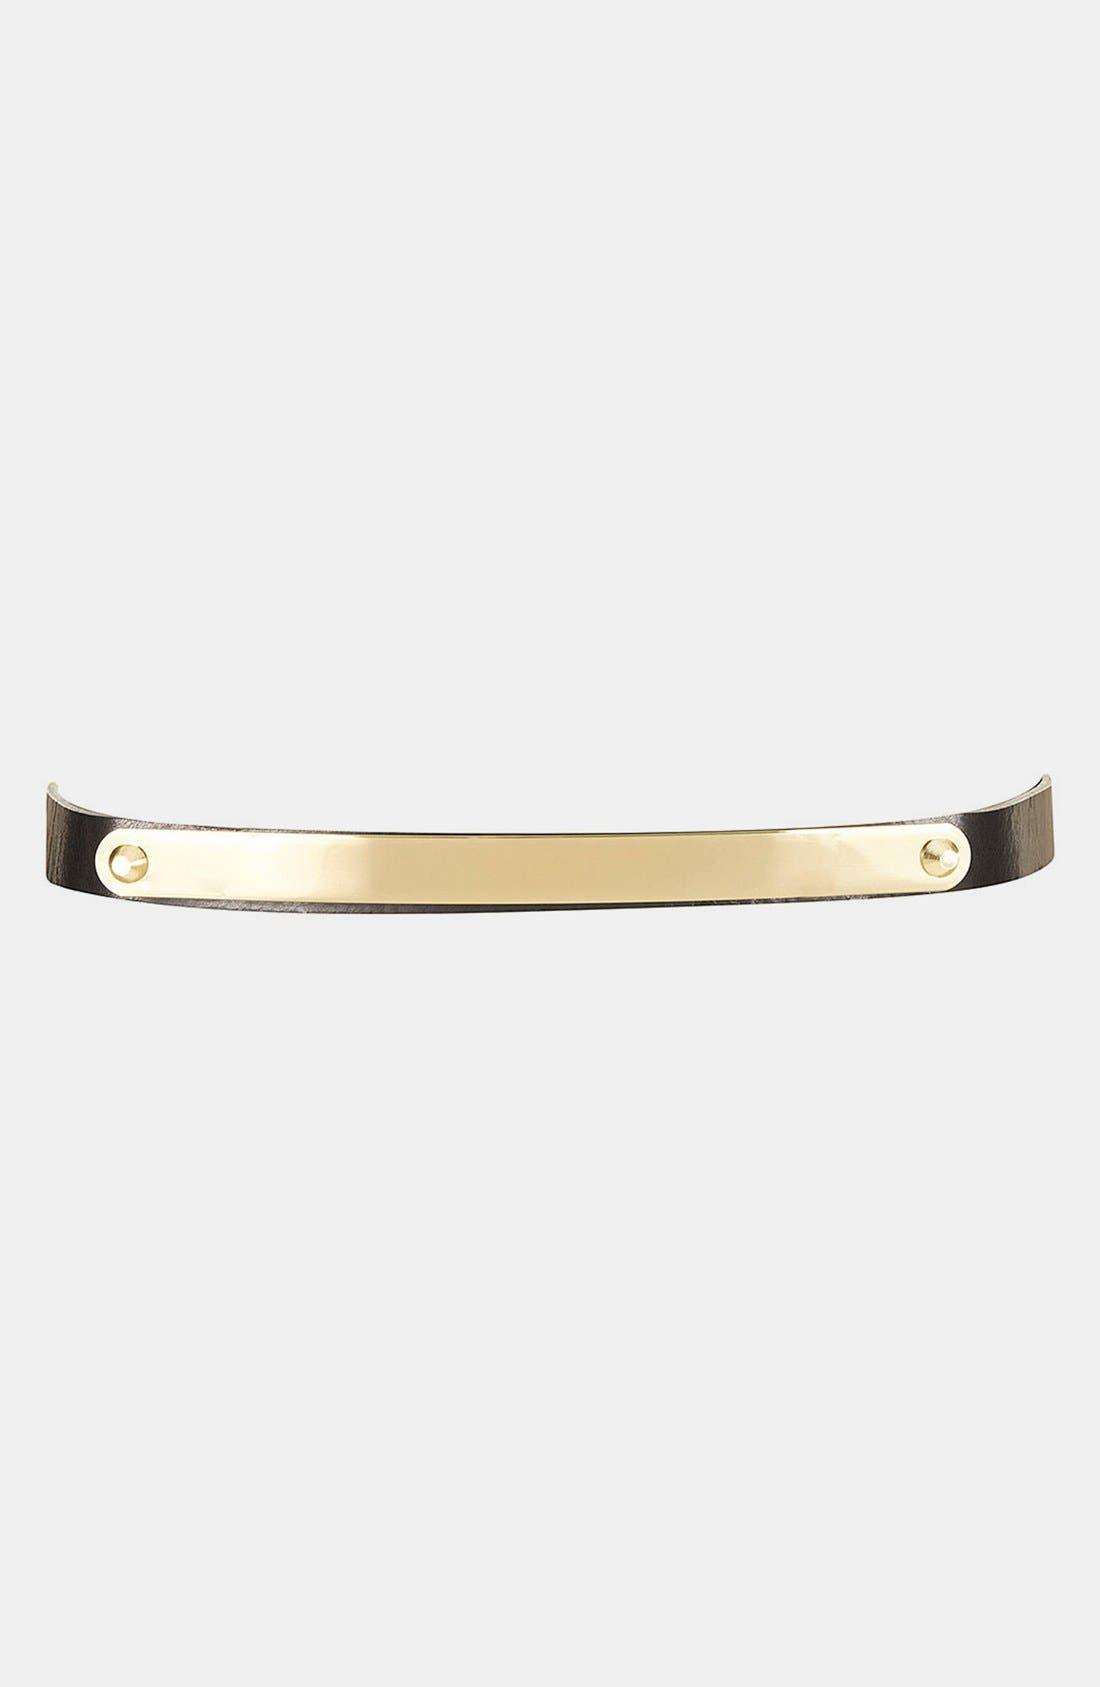 Main Image - Topshop 'Clean Metal Bar' Skinny Belt